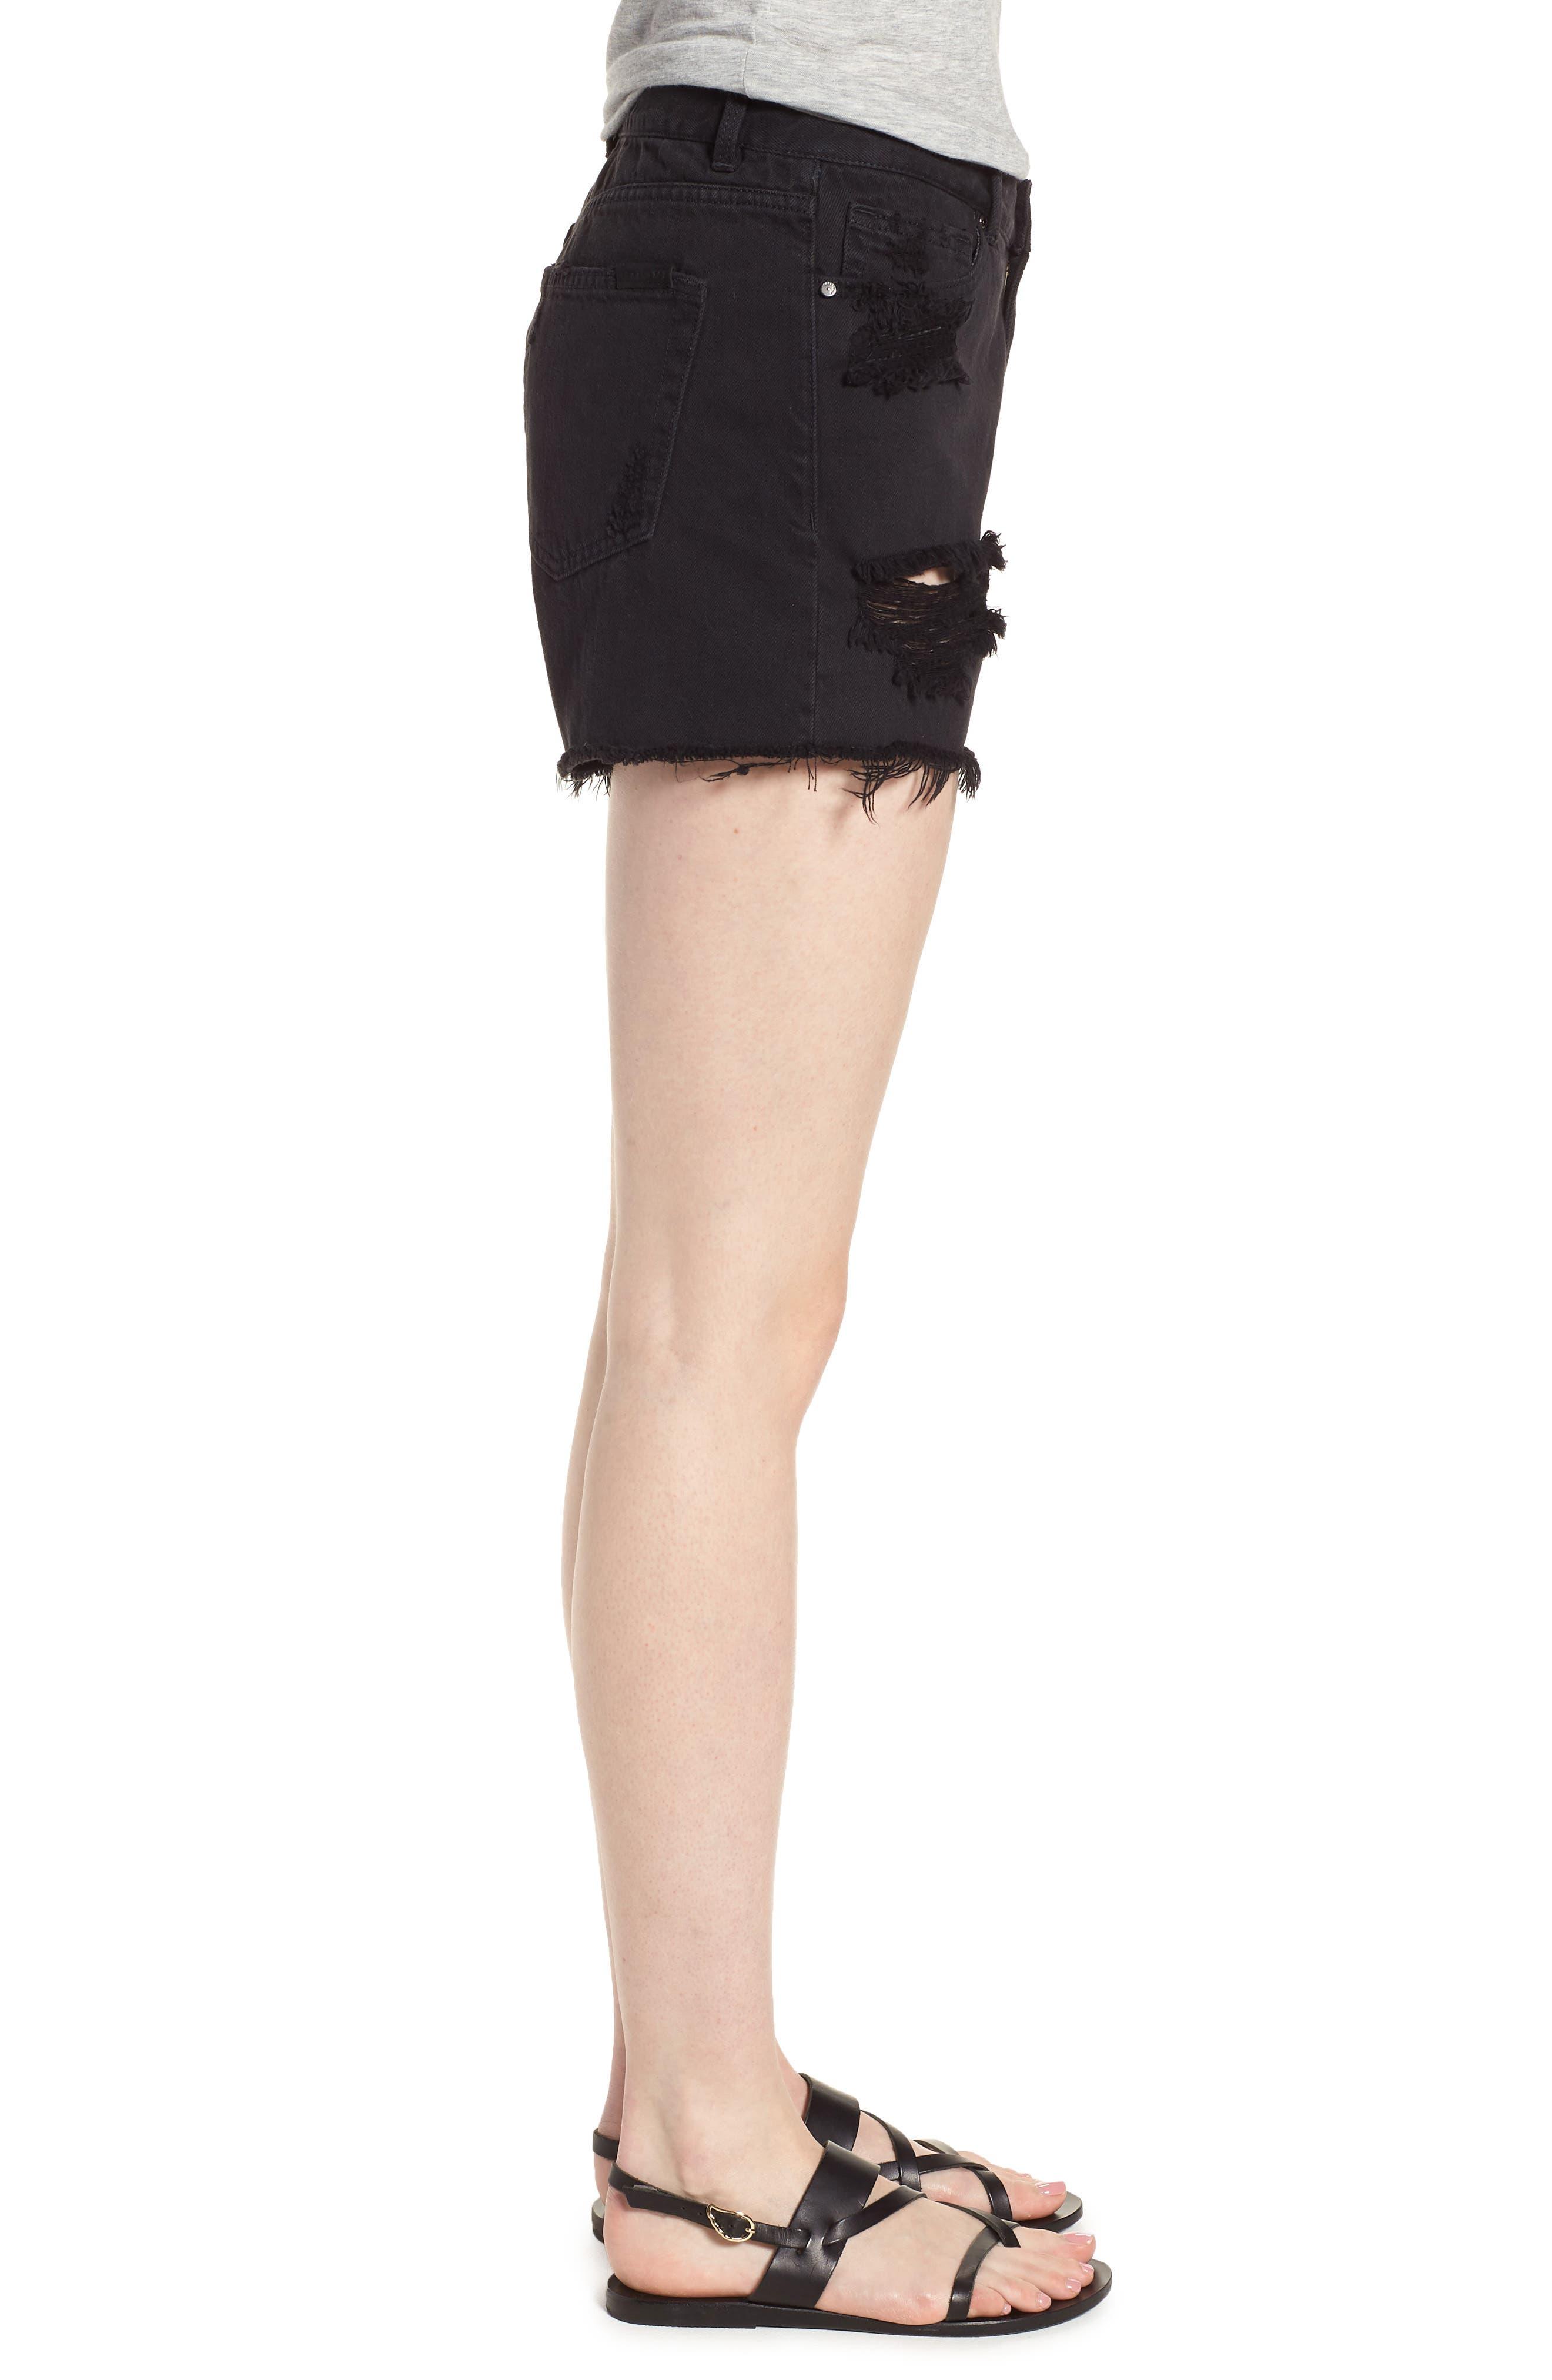 Black Midi Fray Shorts,                             Alternate thumbnail 3, color,                             Faded Black